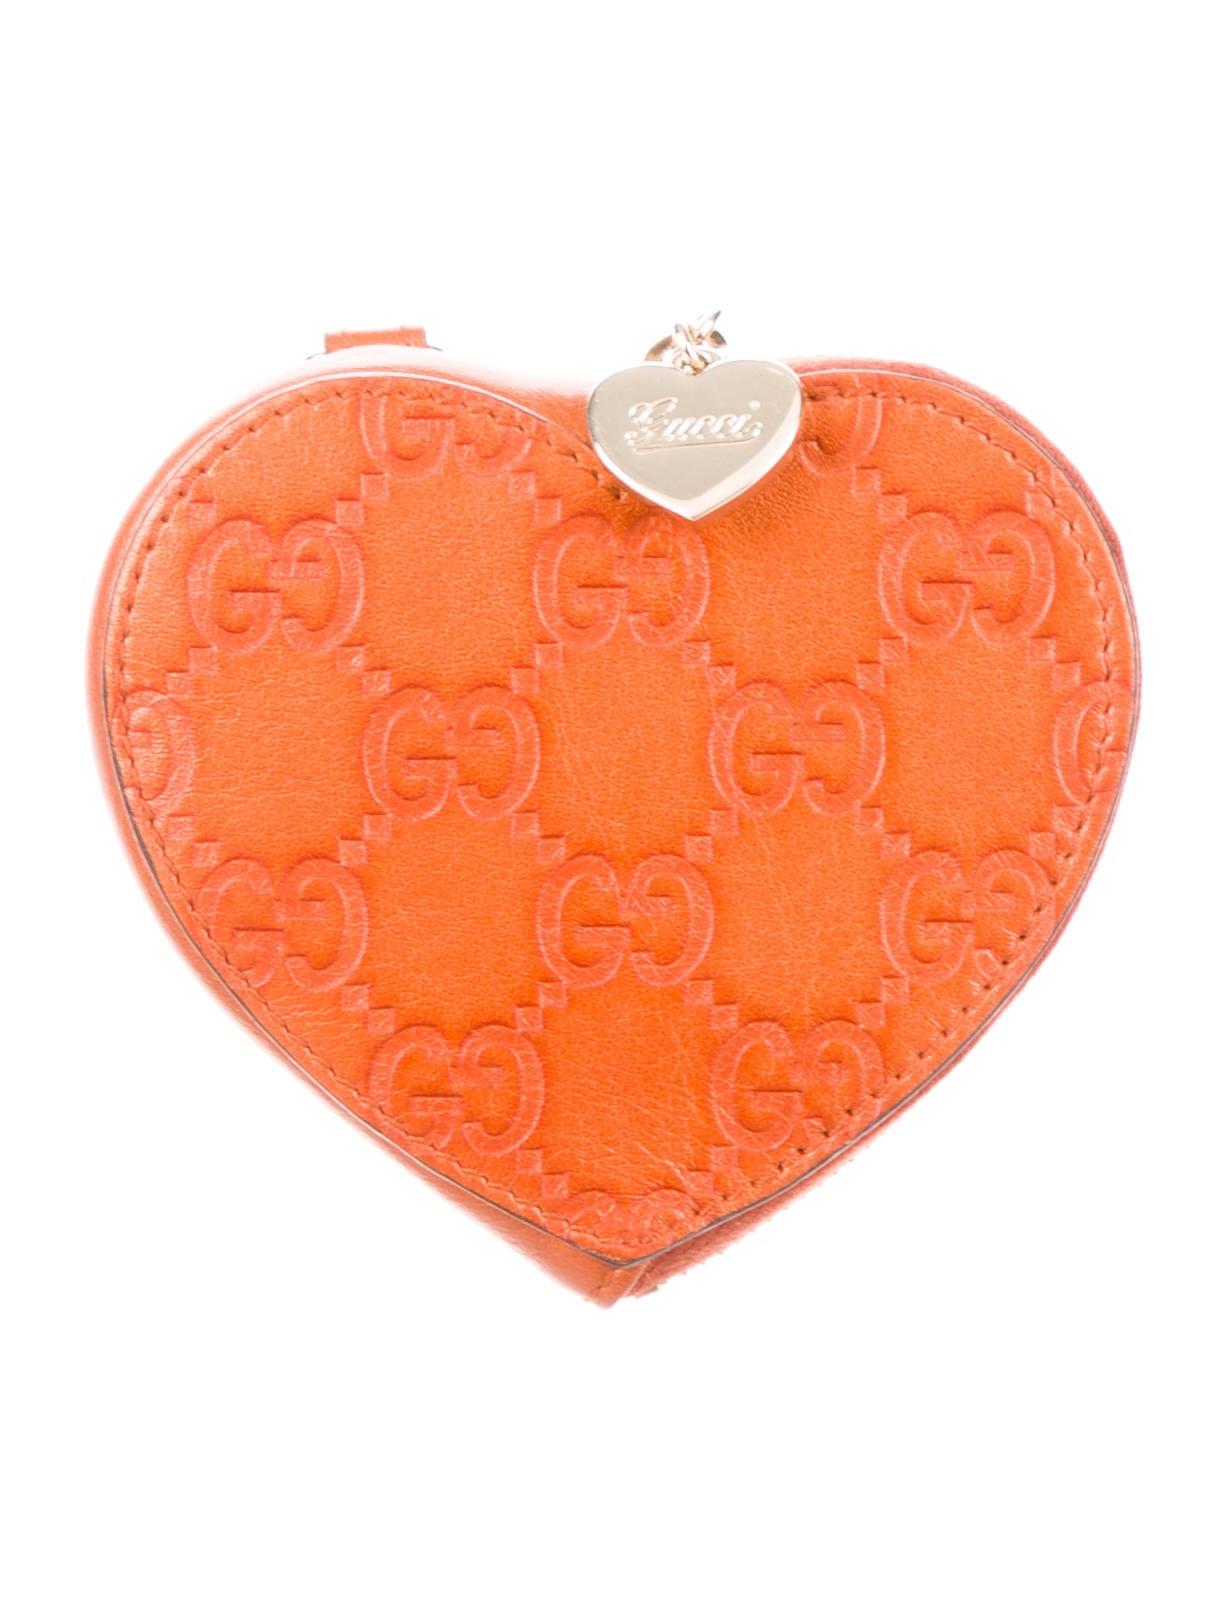 1360ddd5351 Gucci Guccissima Heart Coin Pouch - Accessories - GUC201402